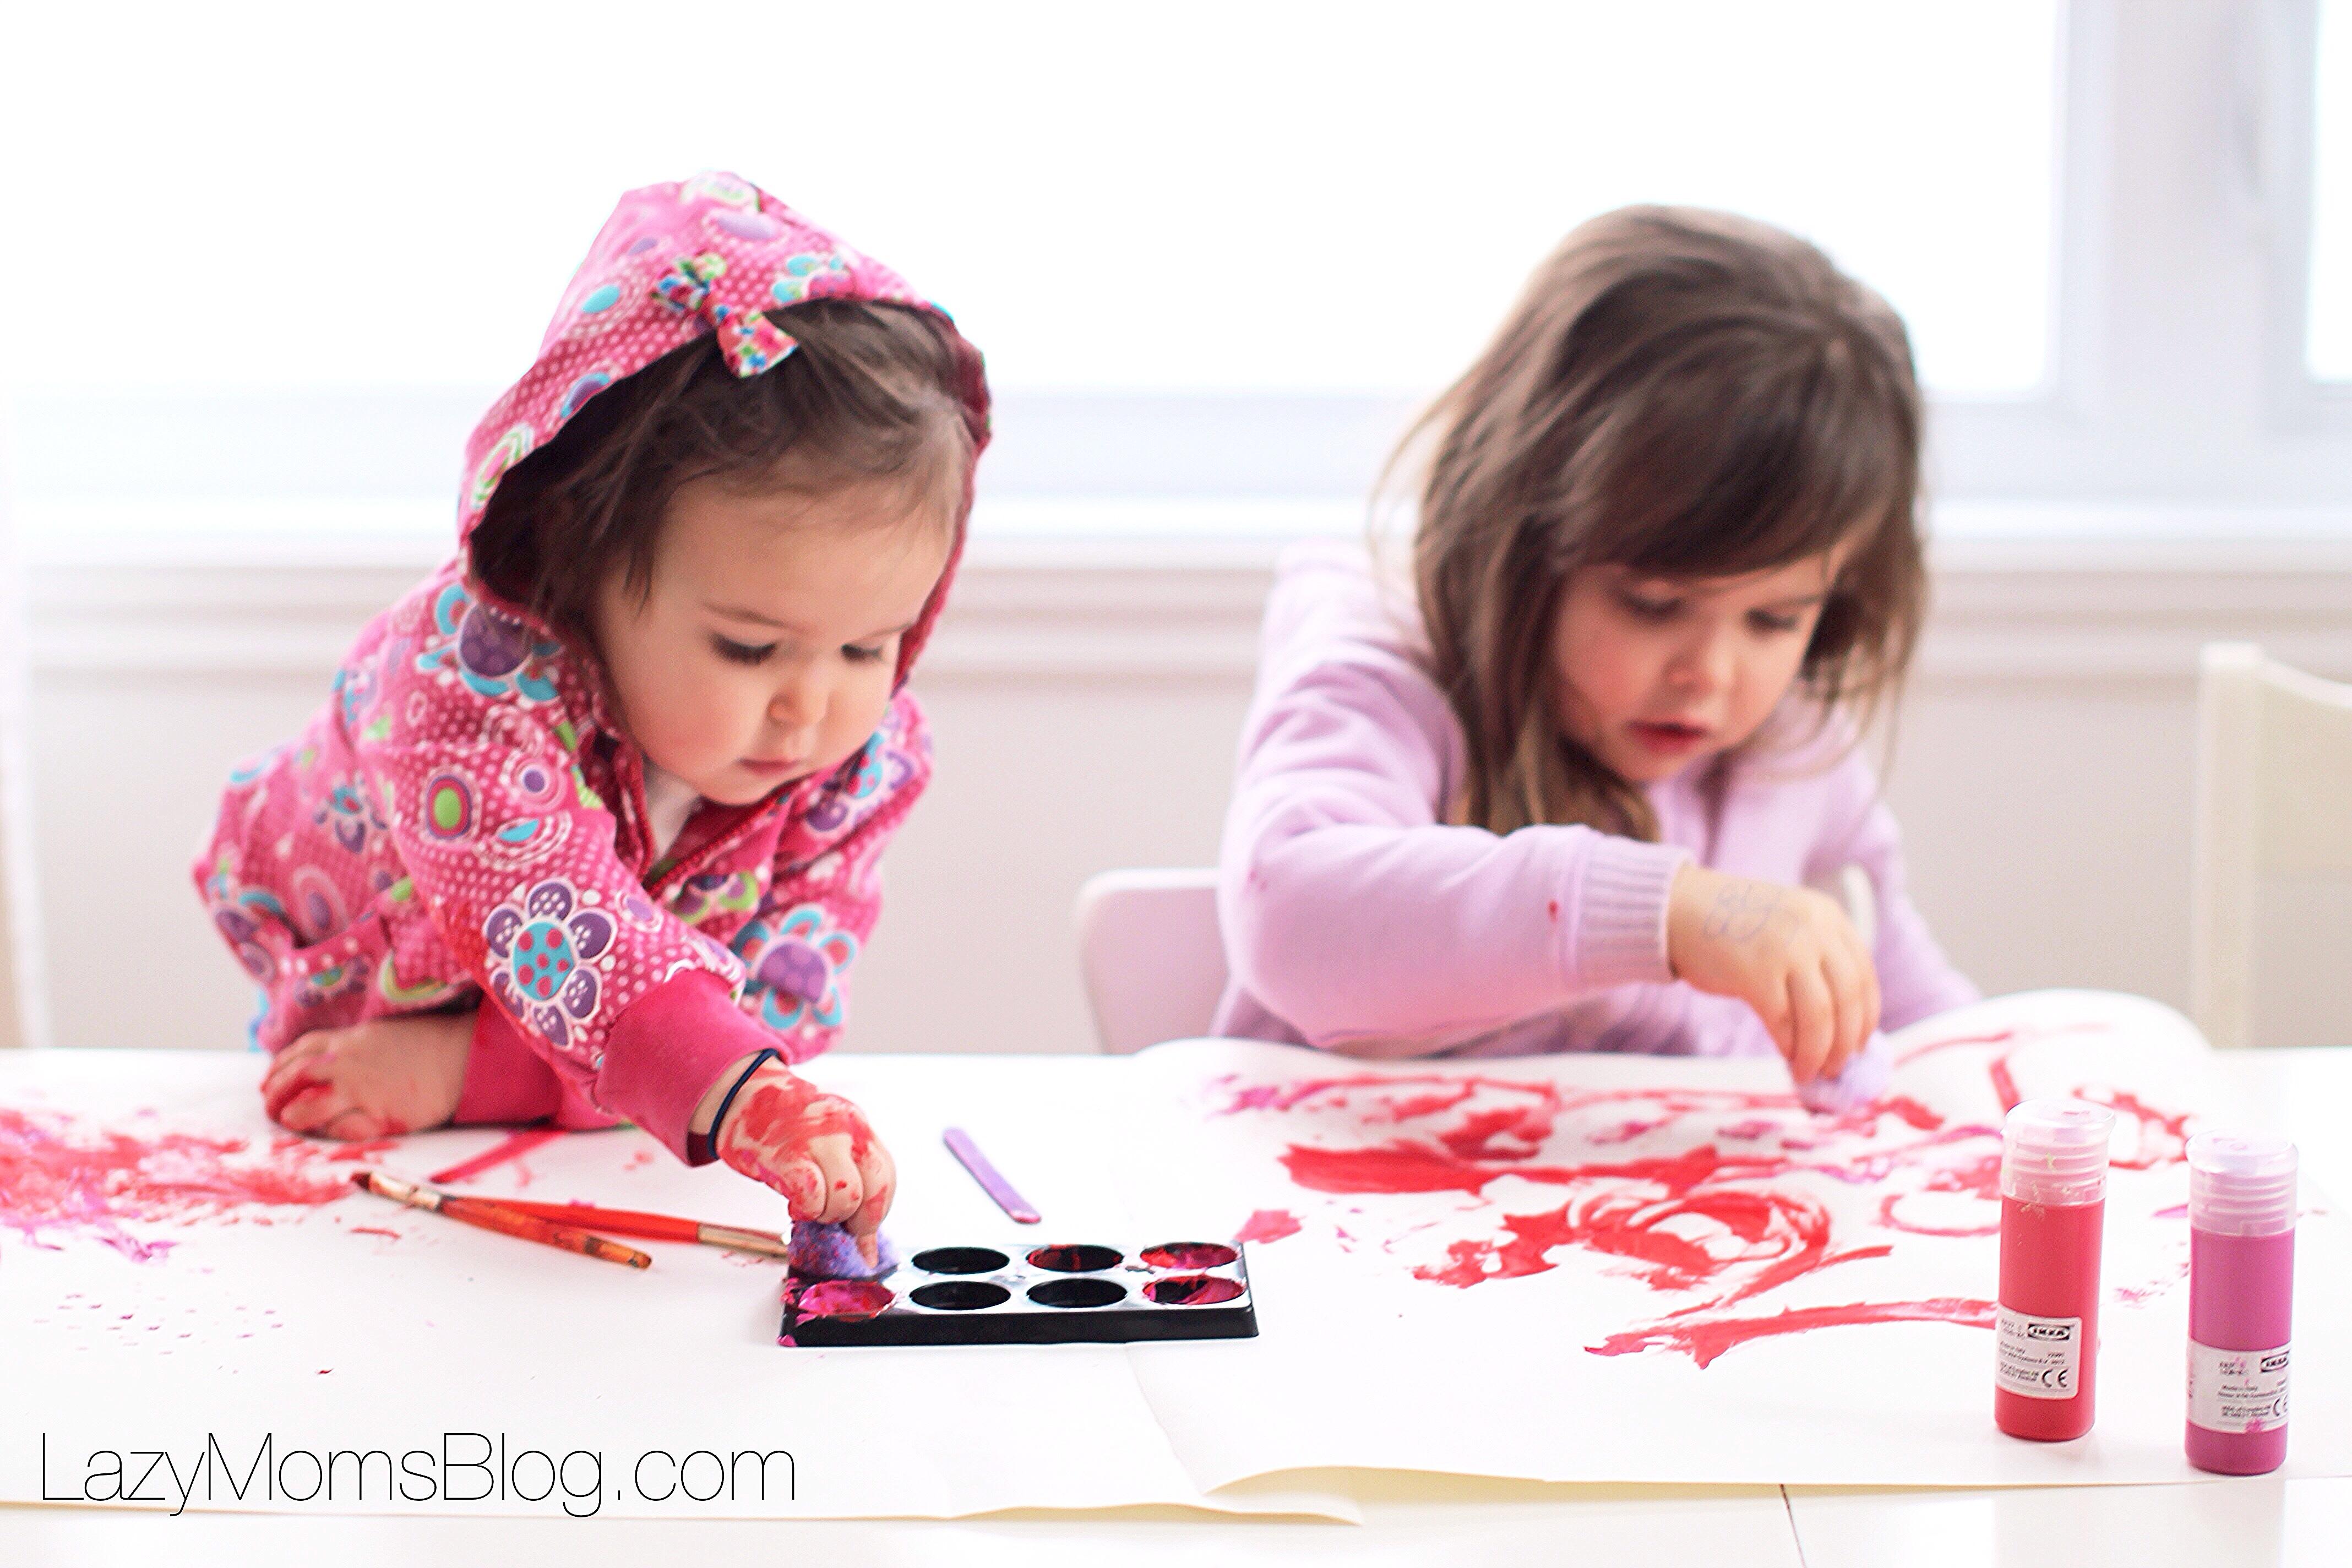 Kids crafts Archives - Lazy Mom\'s blog